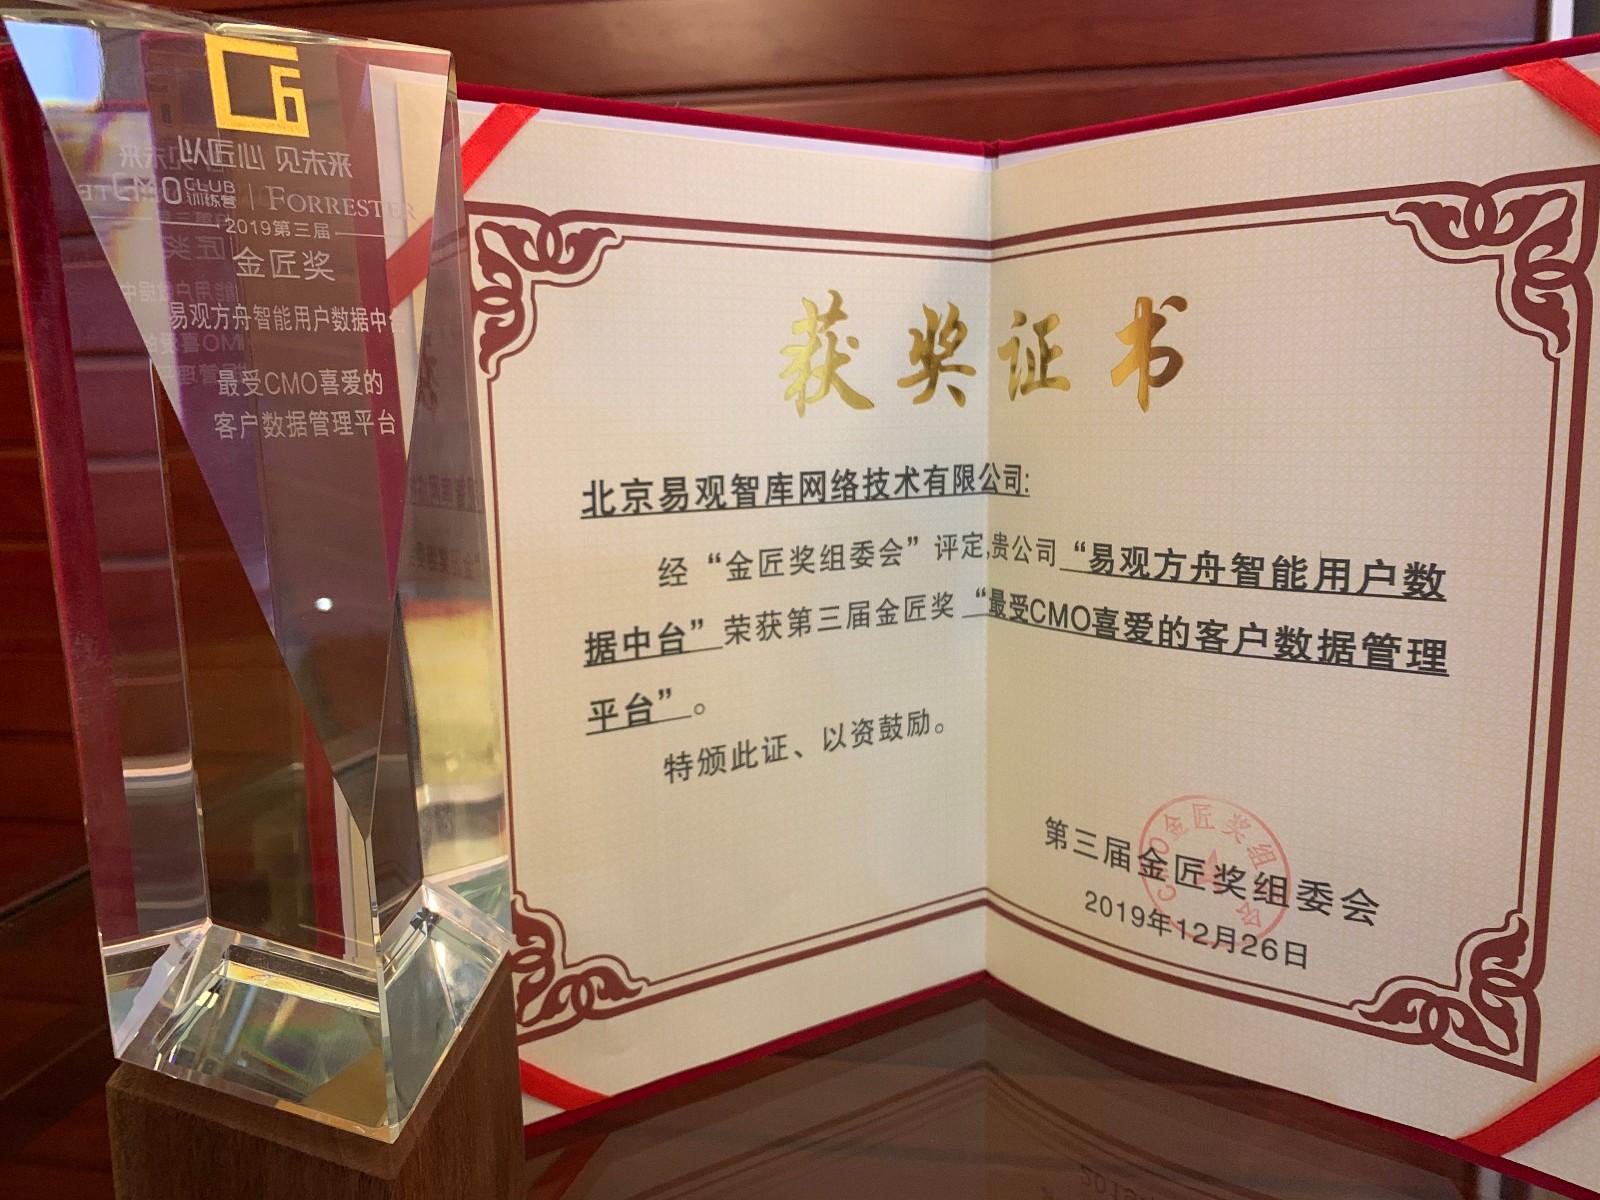 易观方舟荣获【CMO金匠奖·最受喜爱的客户数据管理平台】